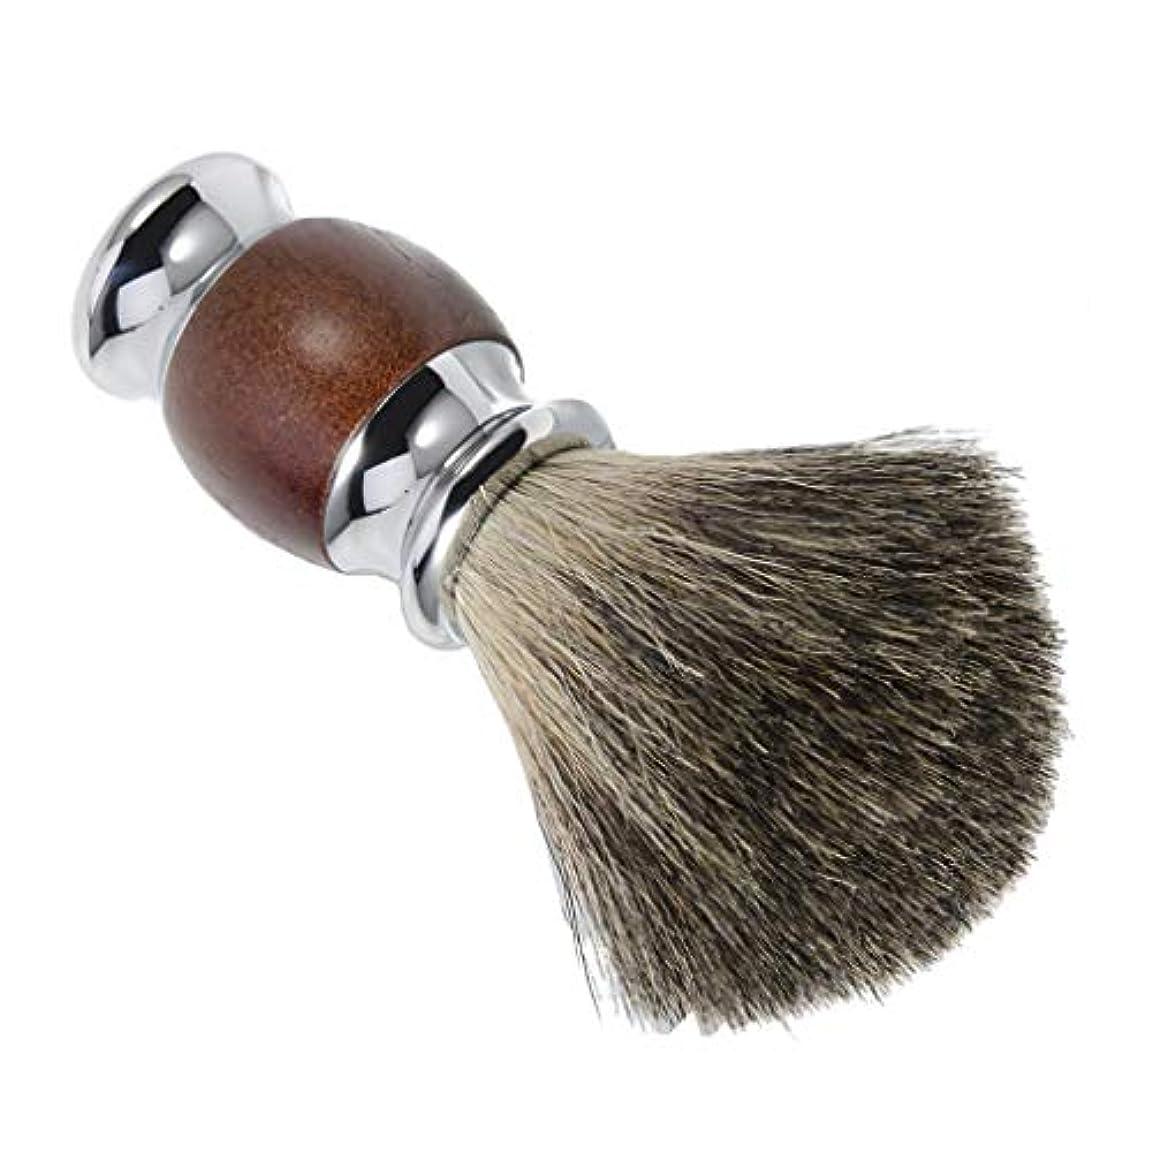 職人スーツゴミ箱を空にするシェービング用ブラシ 木製ハンドル メンズ 理容 洗顔 髭剃り 泡立ち 贈り物